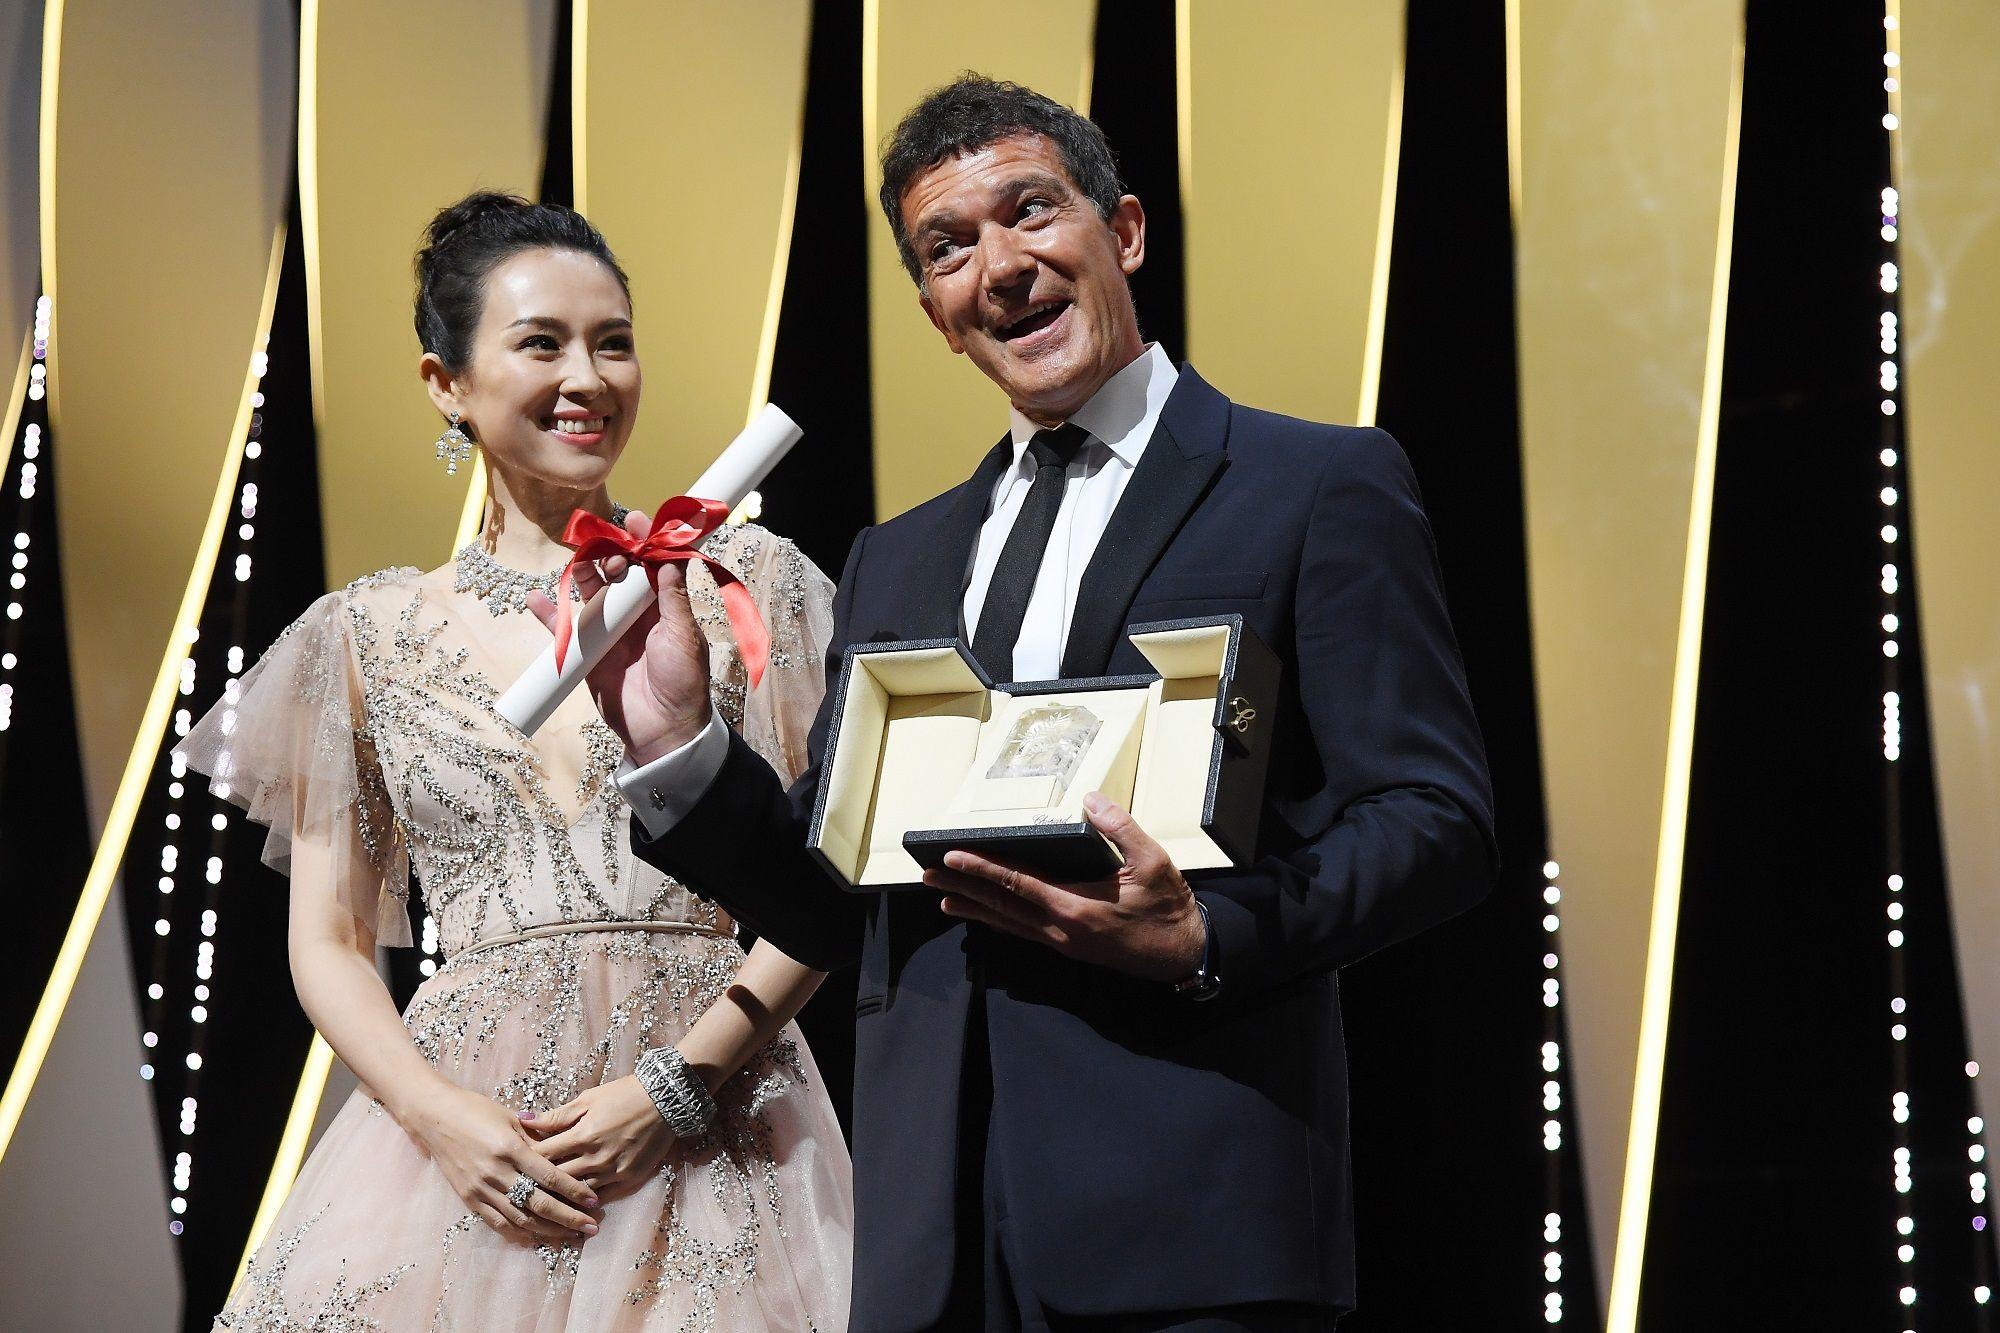 Palmarés de Cannes 2019, premio para Antonio Banderas